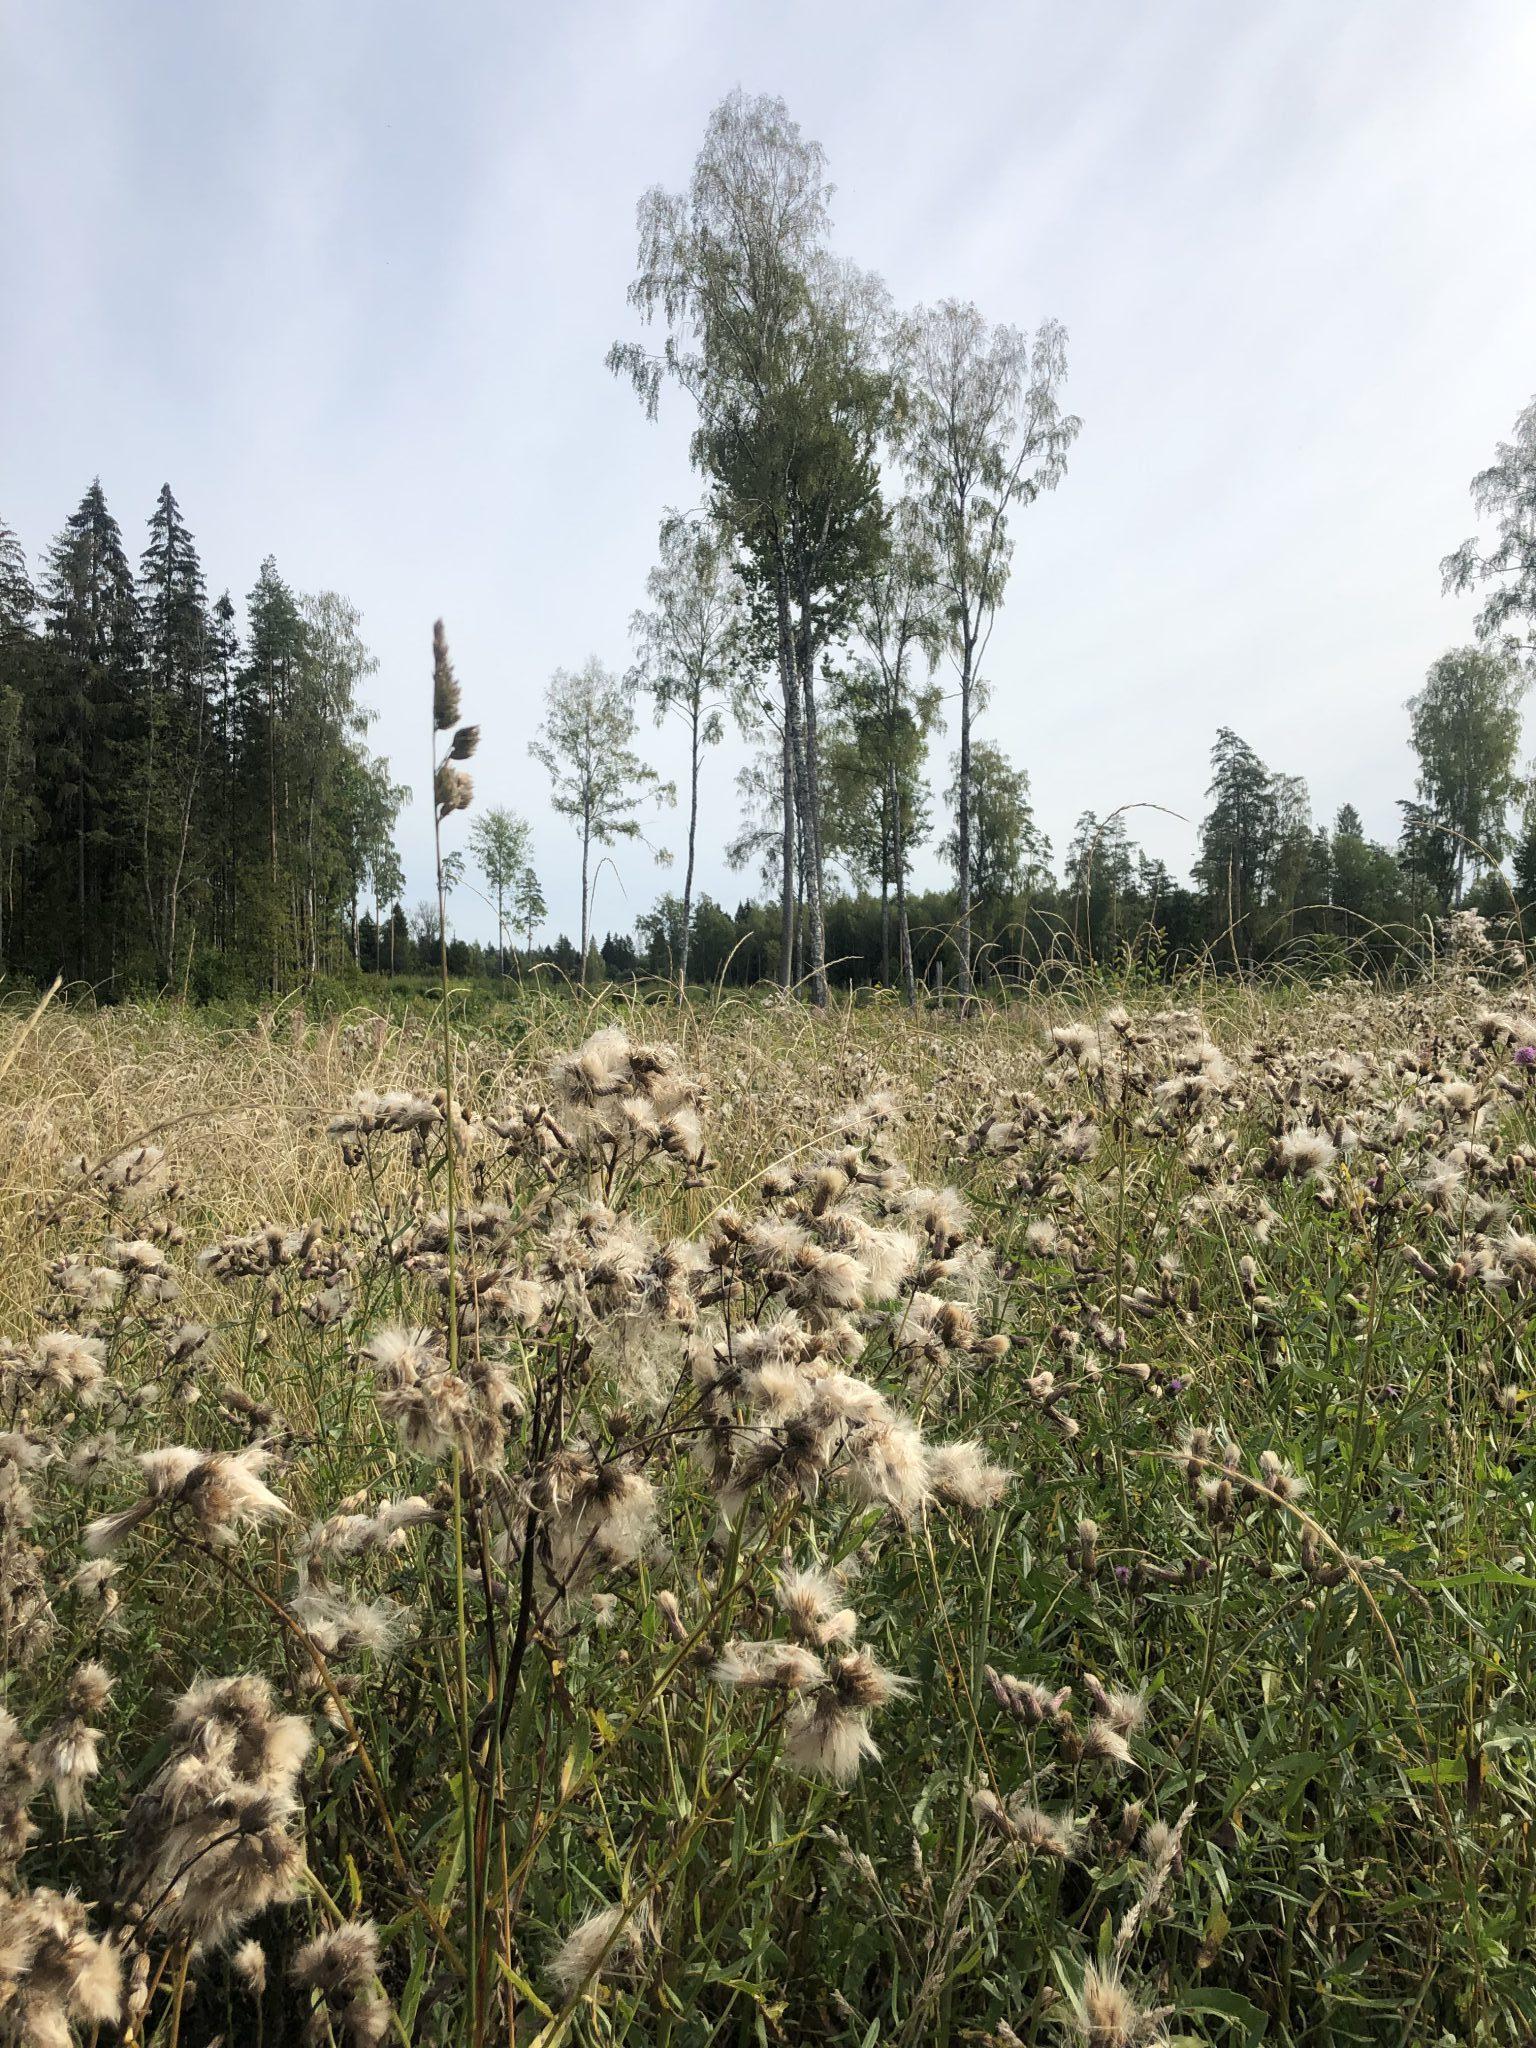 Wildnis in Estland Bäume Wiese und Kraut